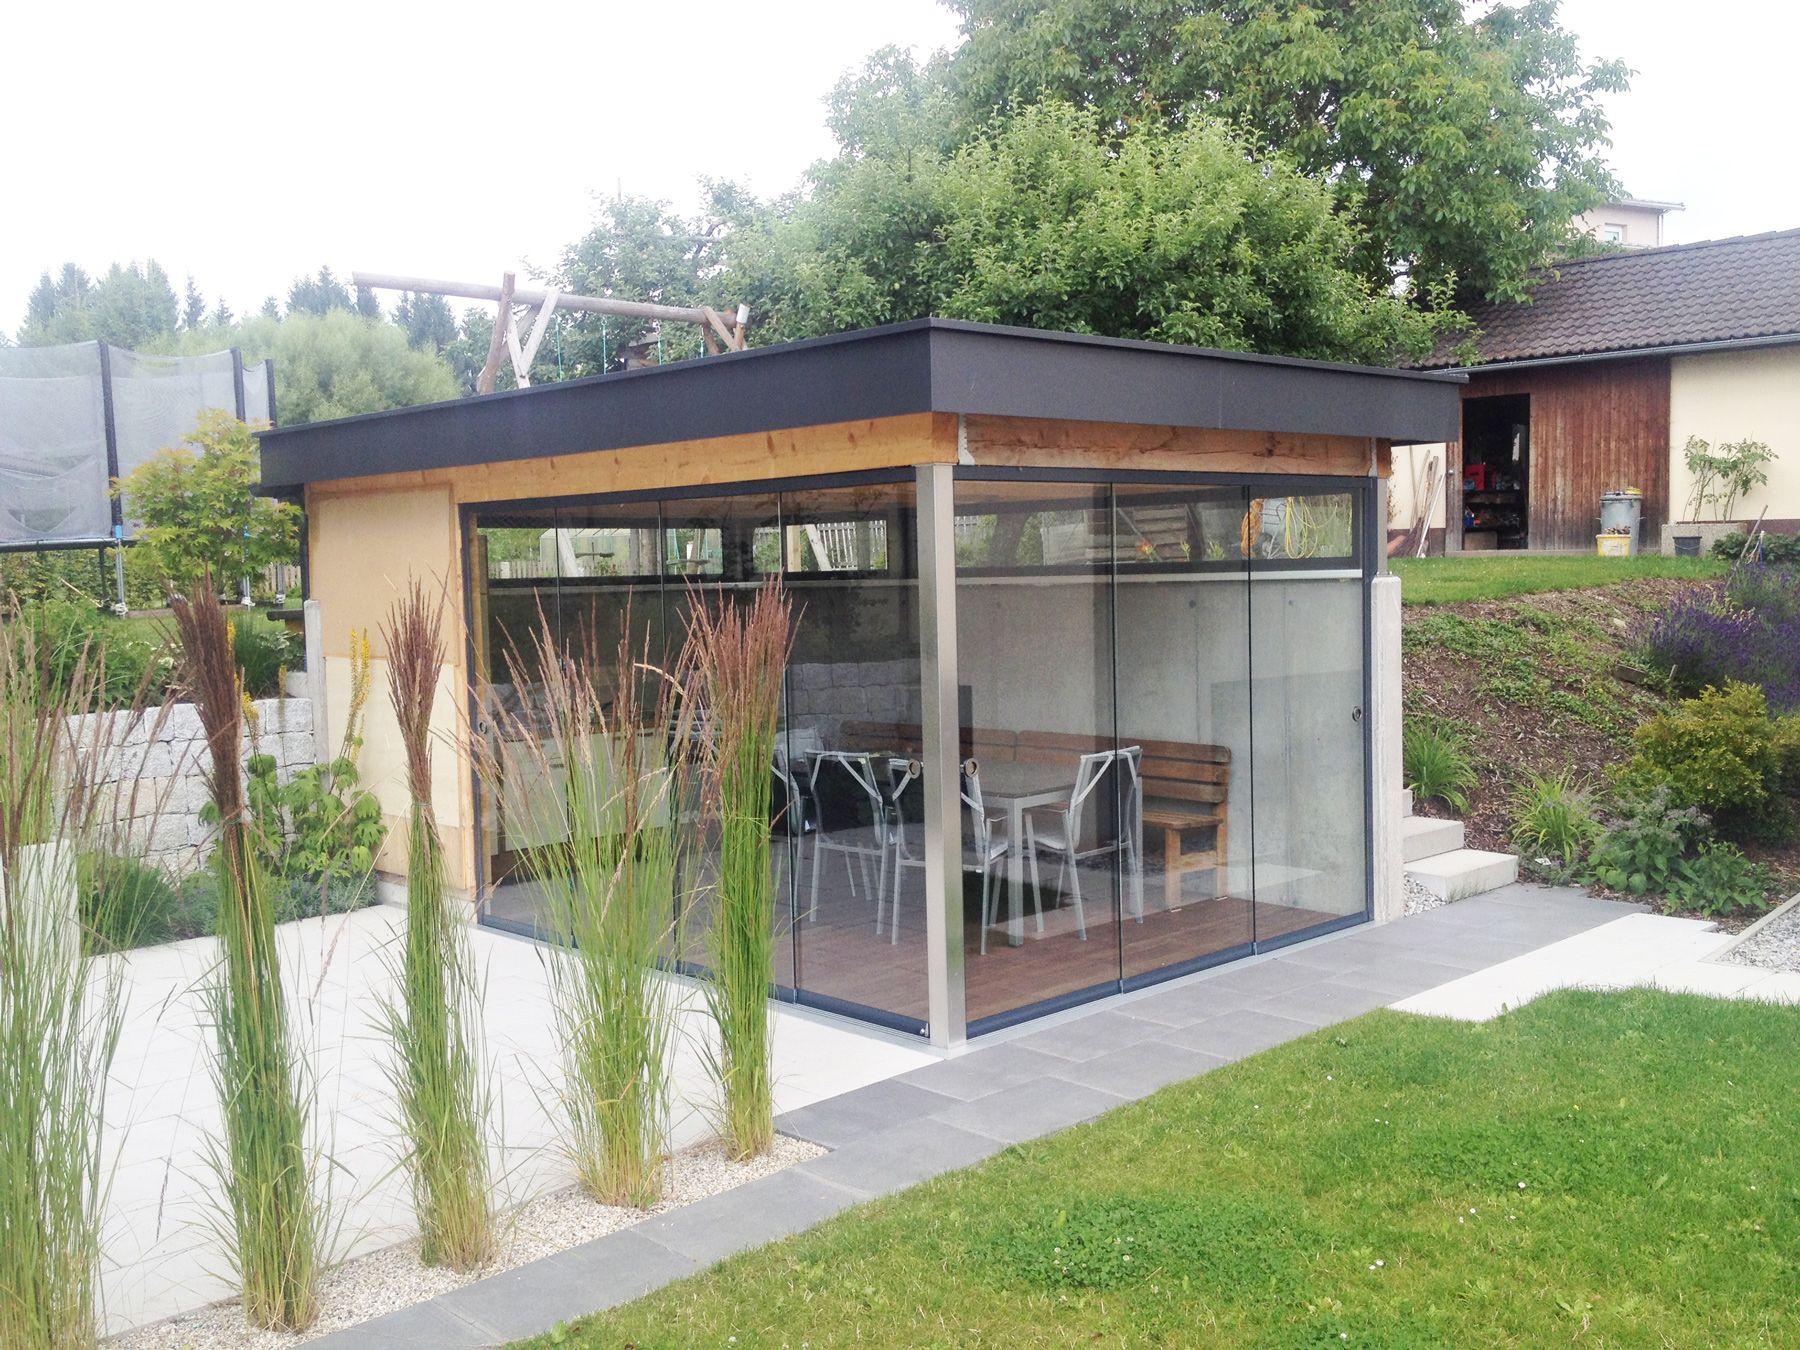 Garten Mit Outdoor Küche : Outdoor küche im wintergarten an outdoor room to go with deck